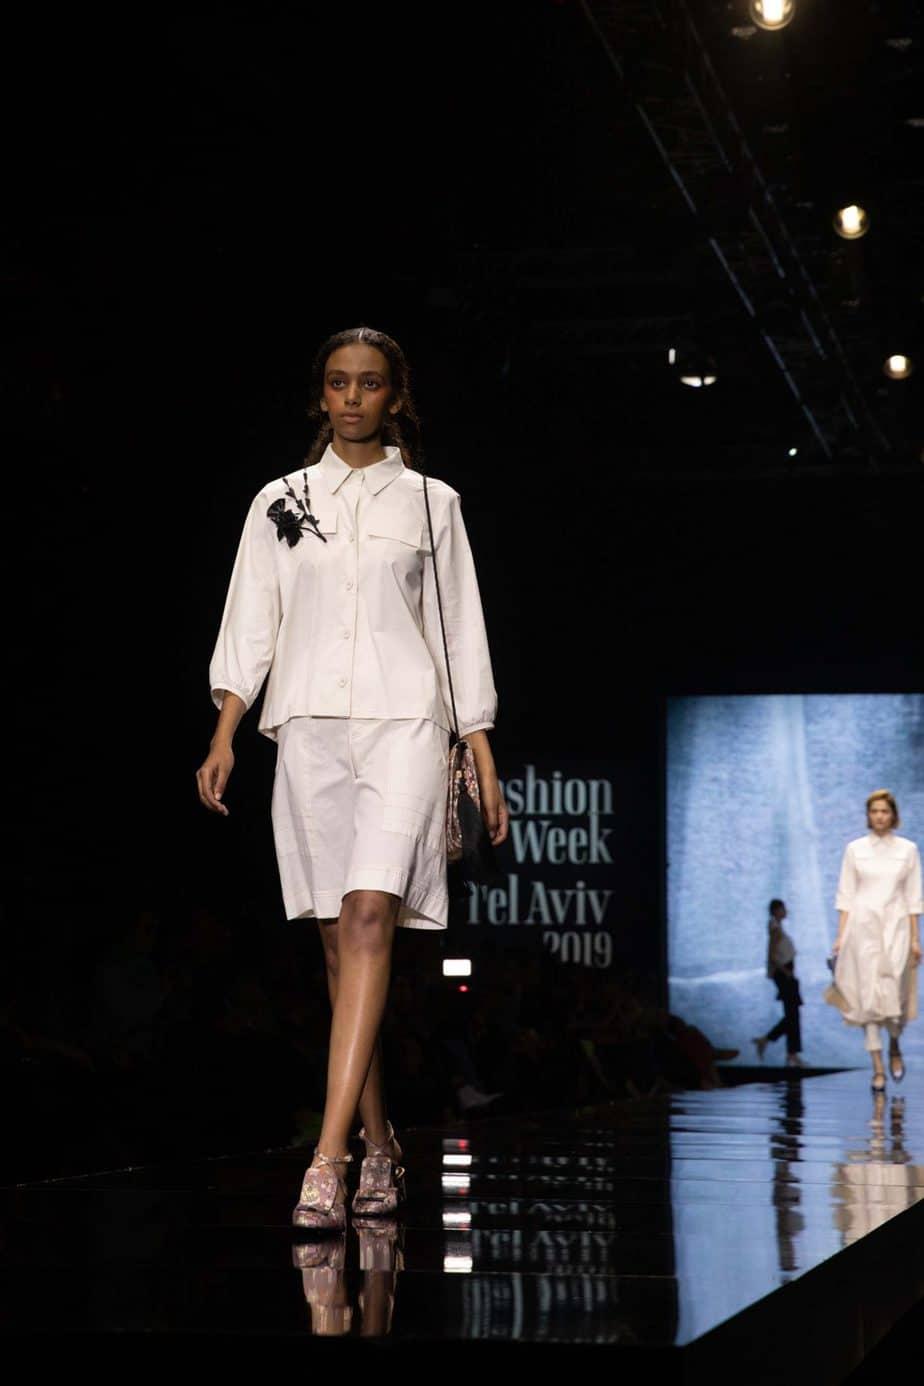 דורין פרקפורט. שבוע האופנה תל אביב 2019. צילום עומר קפלן -6